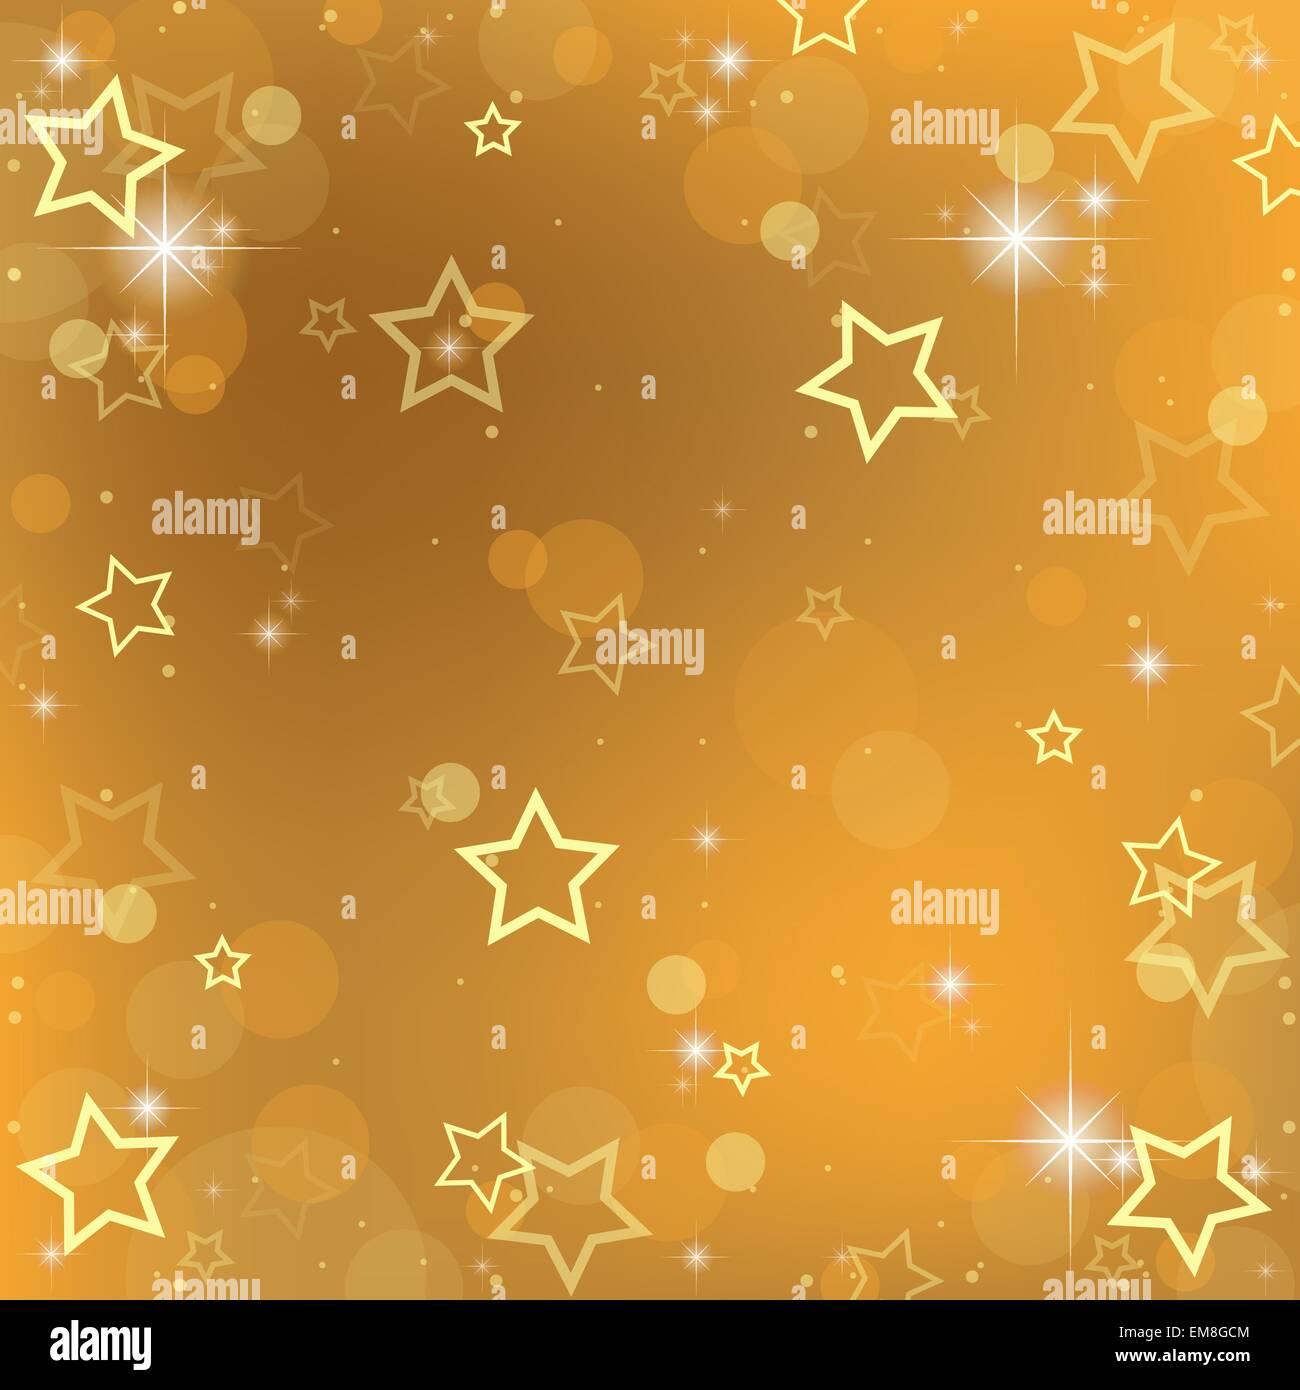 Patrón de estrellas Imagen De Stock